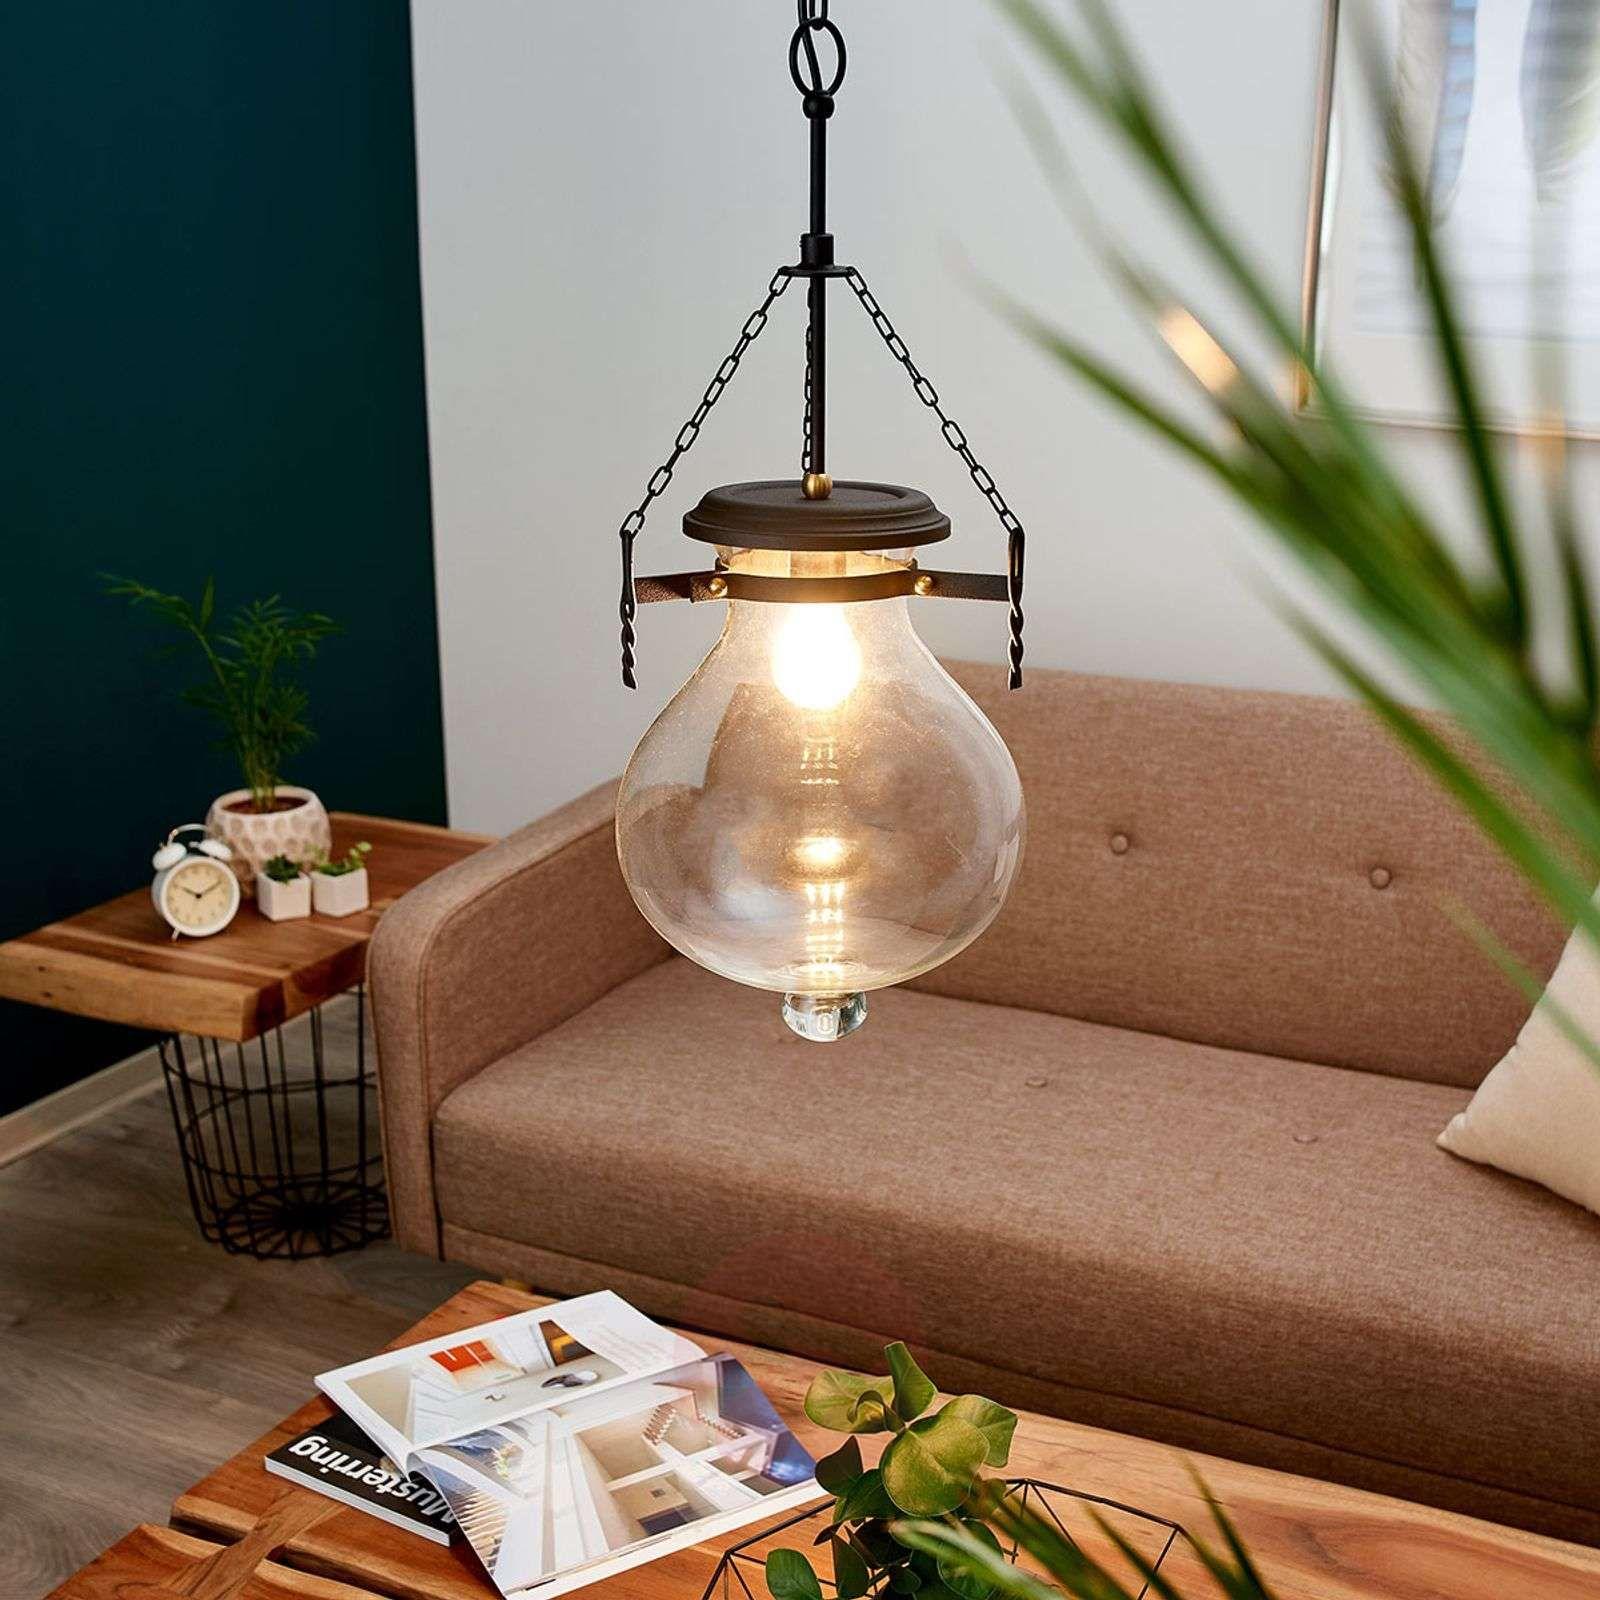 małe lampy wiszące   lampy wiszące z abażurem   oświetlenie